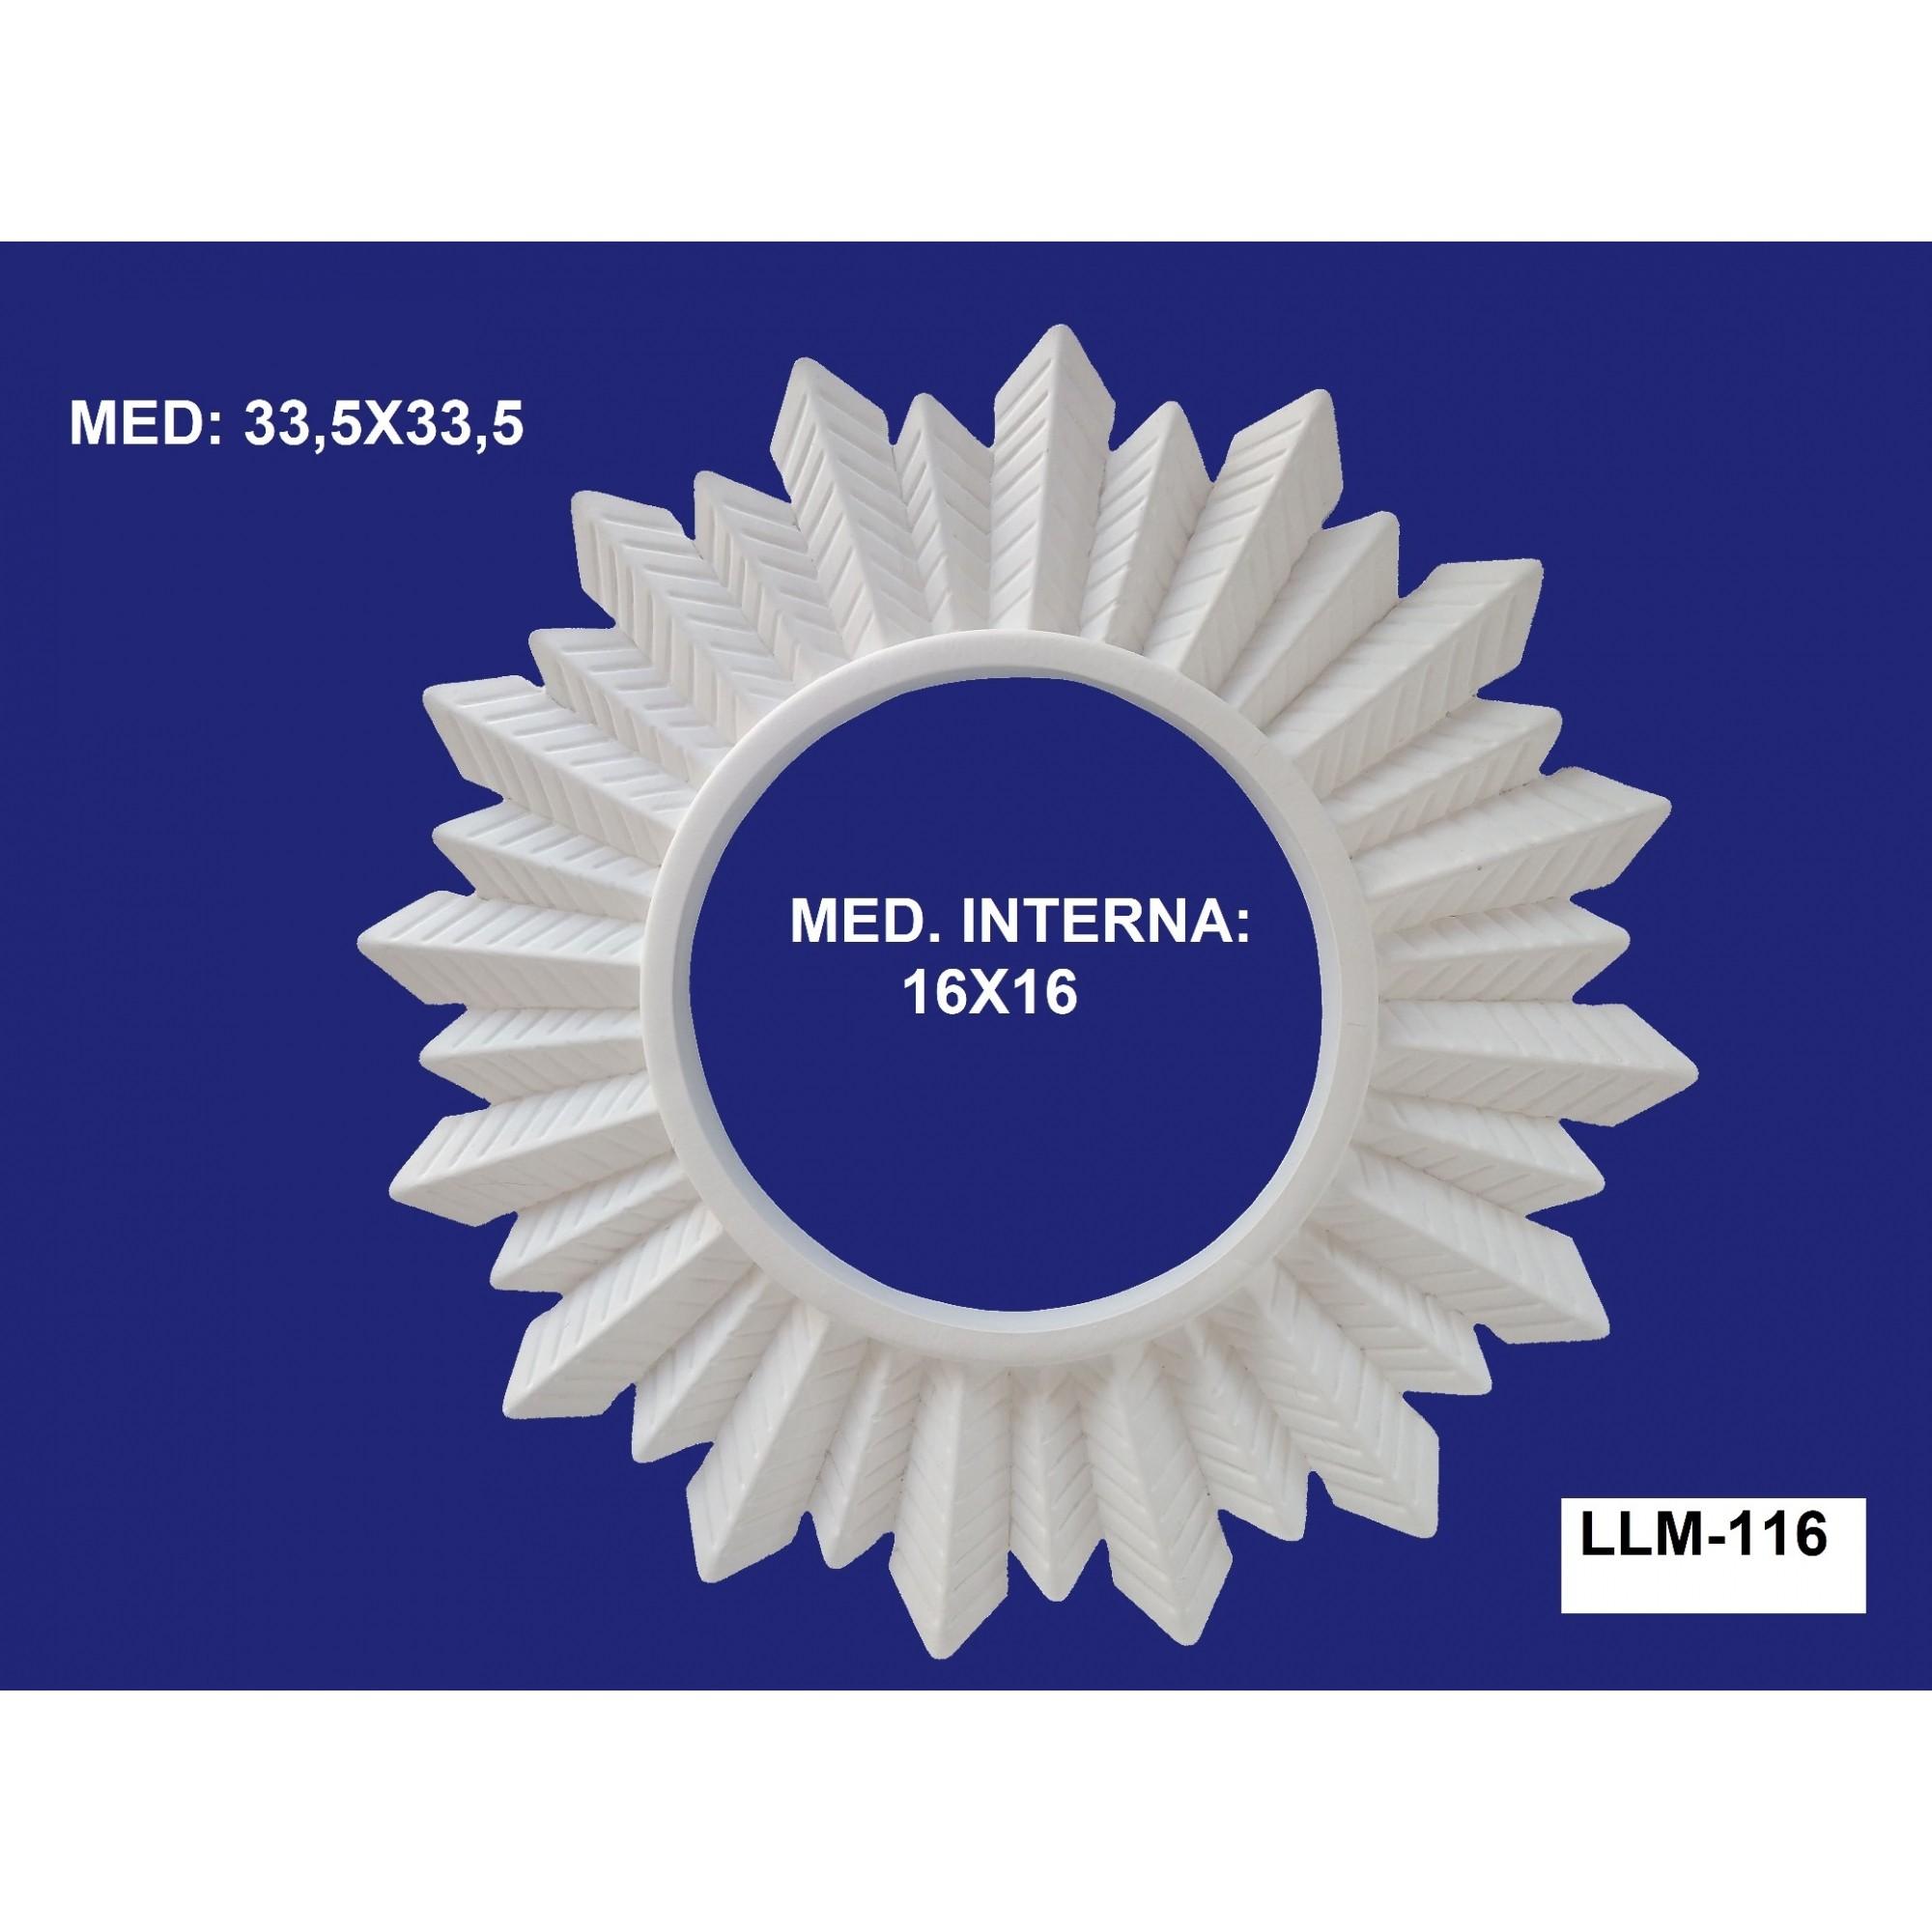 LLM-116 MOLDURA 33,5 X 33,5 INT: 16 X 16CM